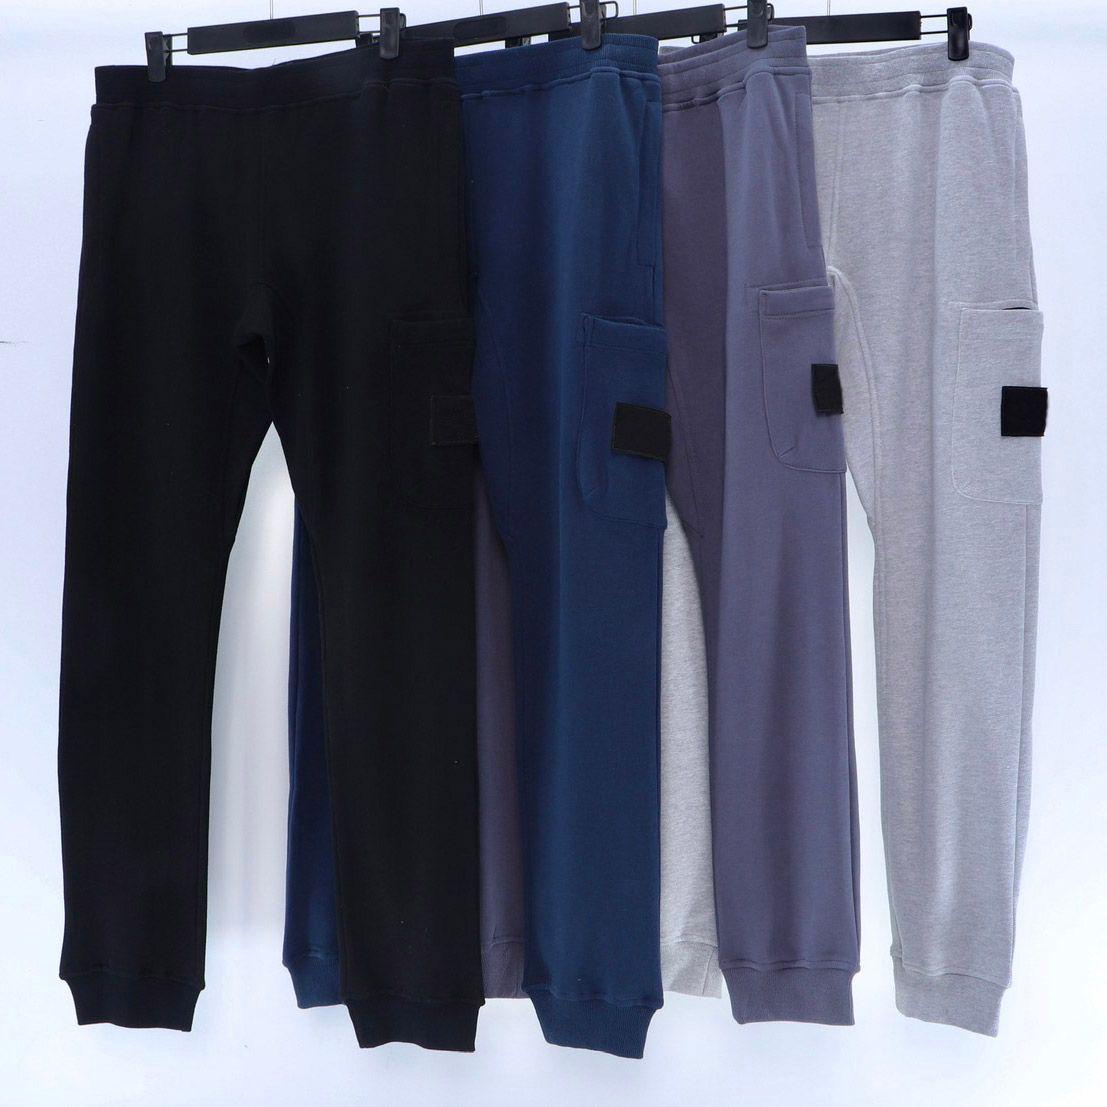 20FW Rozeti Yamalı Erkekler Pantolon Klasik Parça Pantolon Kadınlar Için Erkek Jogger Sweatpants Uzun Pantolon Homme Giyim